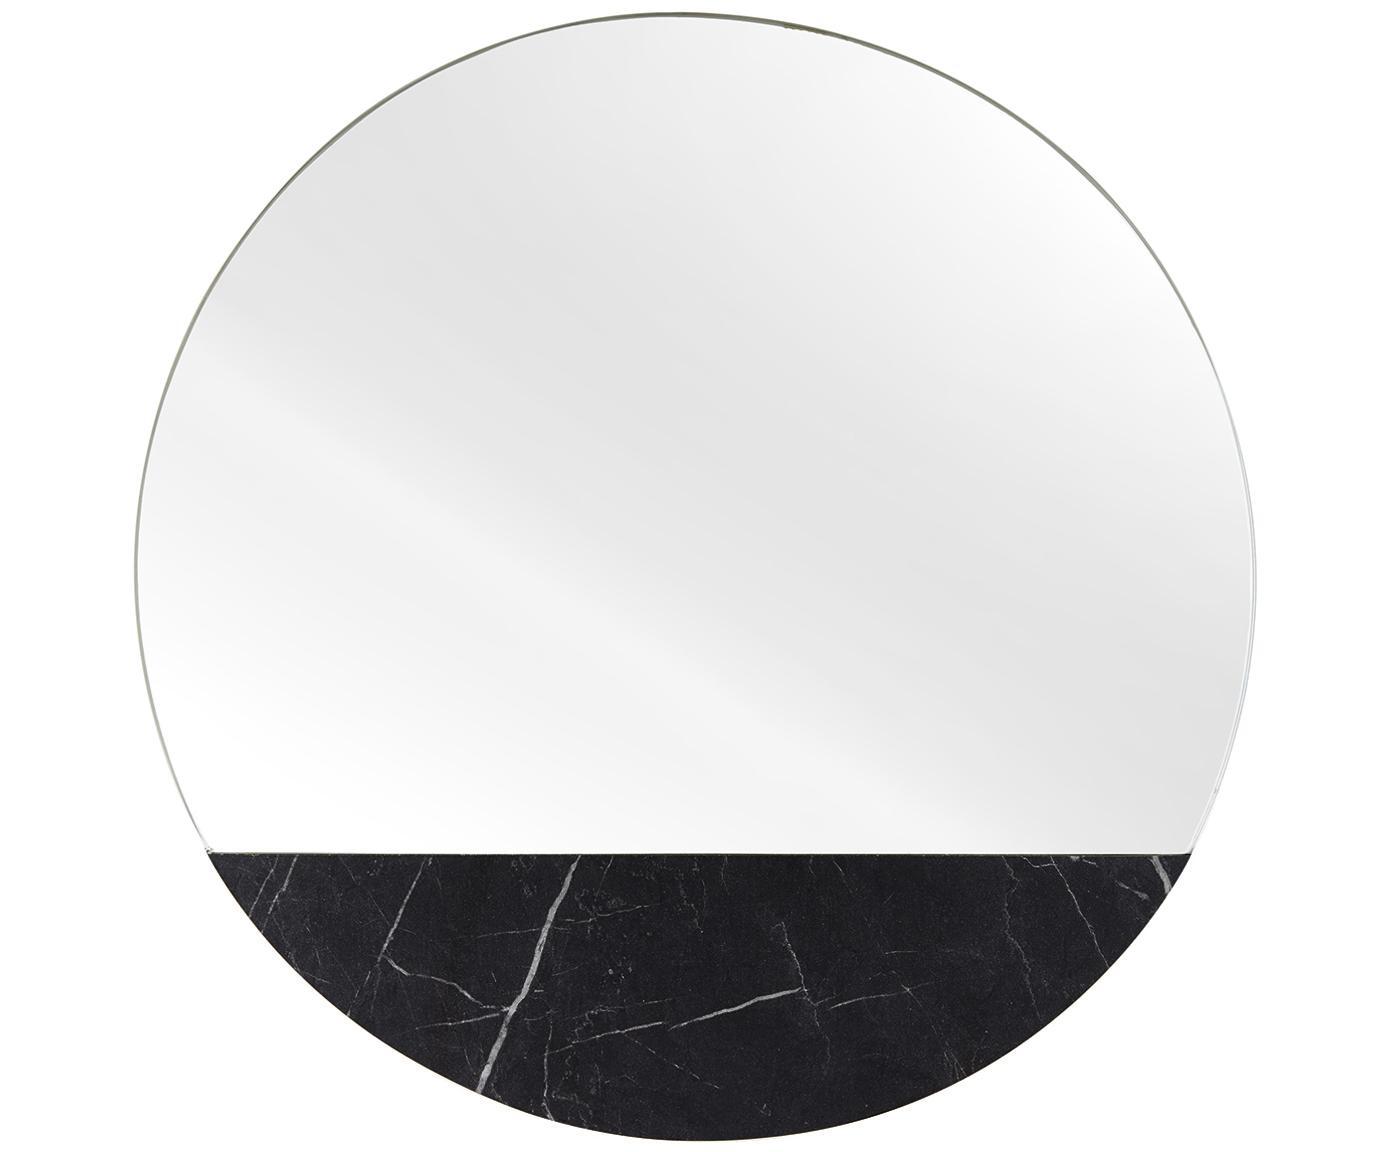 Okrągłe lustro ścienne z imitacji marmuru Stockholm, Czarny wzór marmurowy, Ø 40 cm